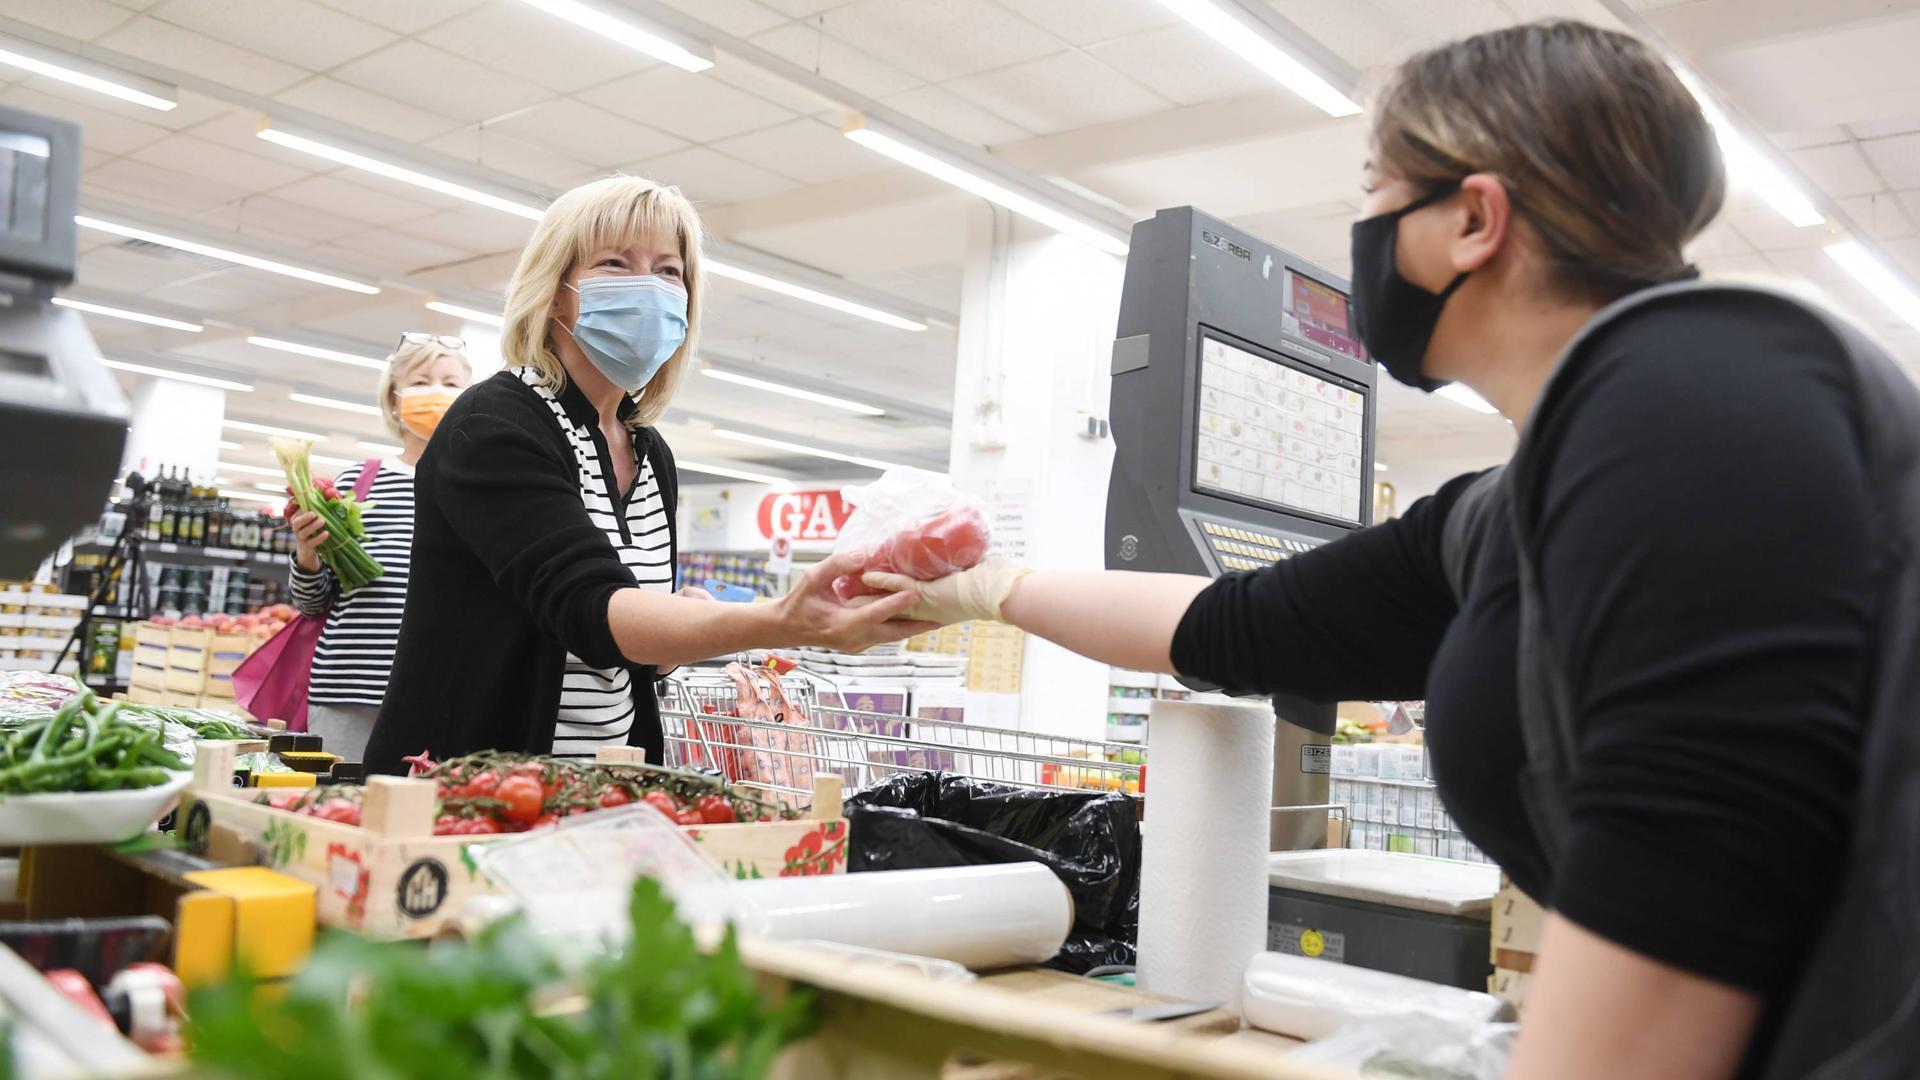 Bedienung in Supermarkt